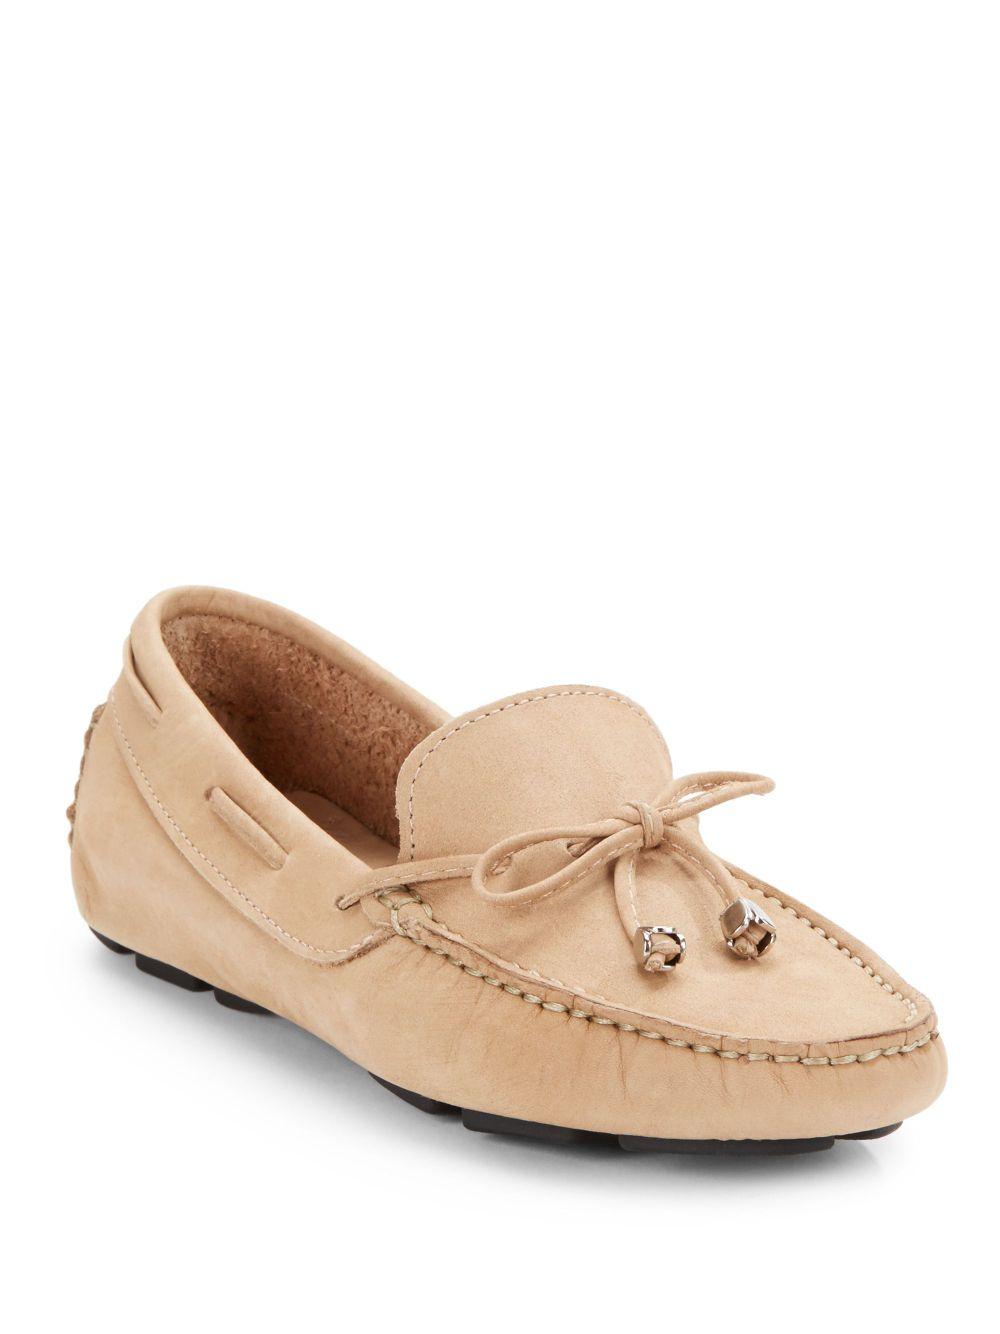 Saks Fifth Avenue Men S Brands Shoes